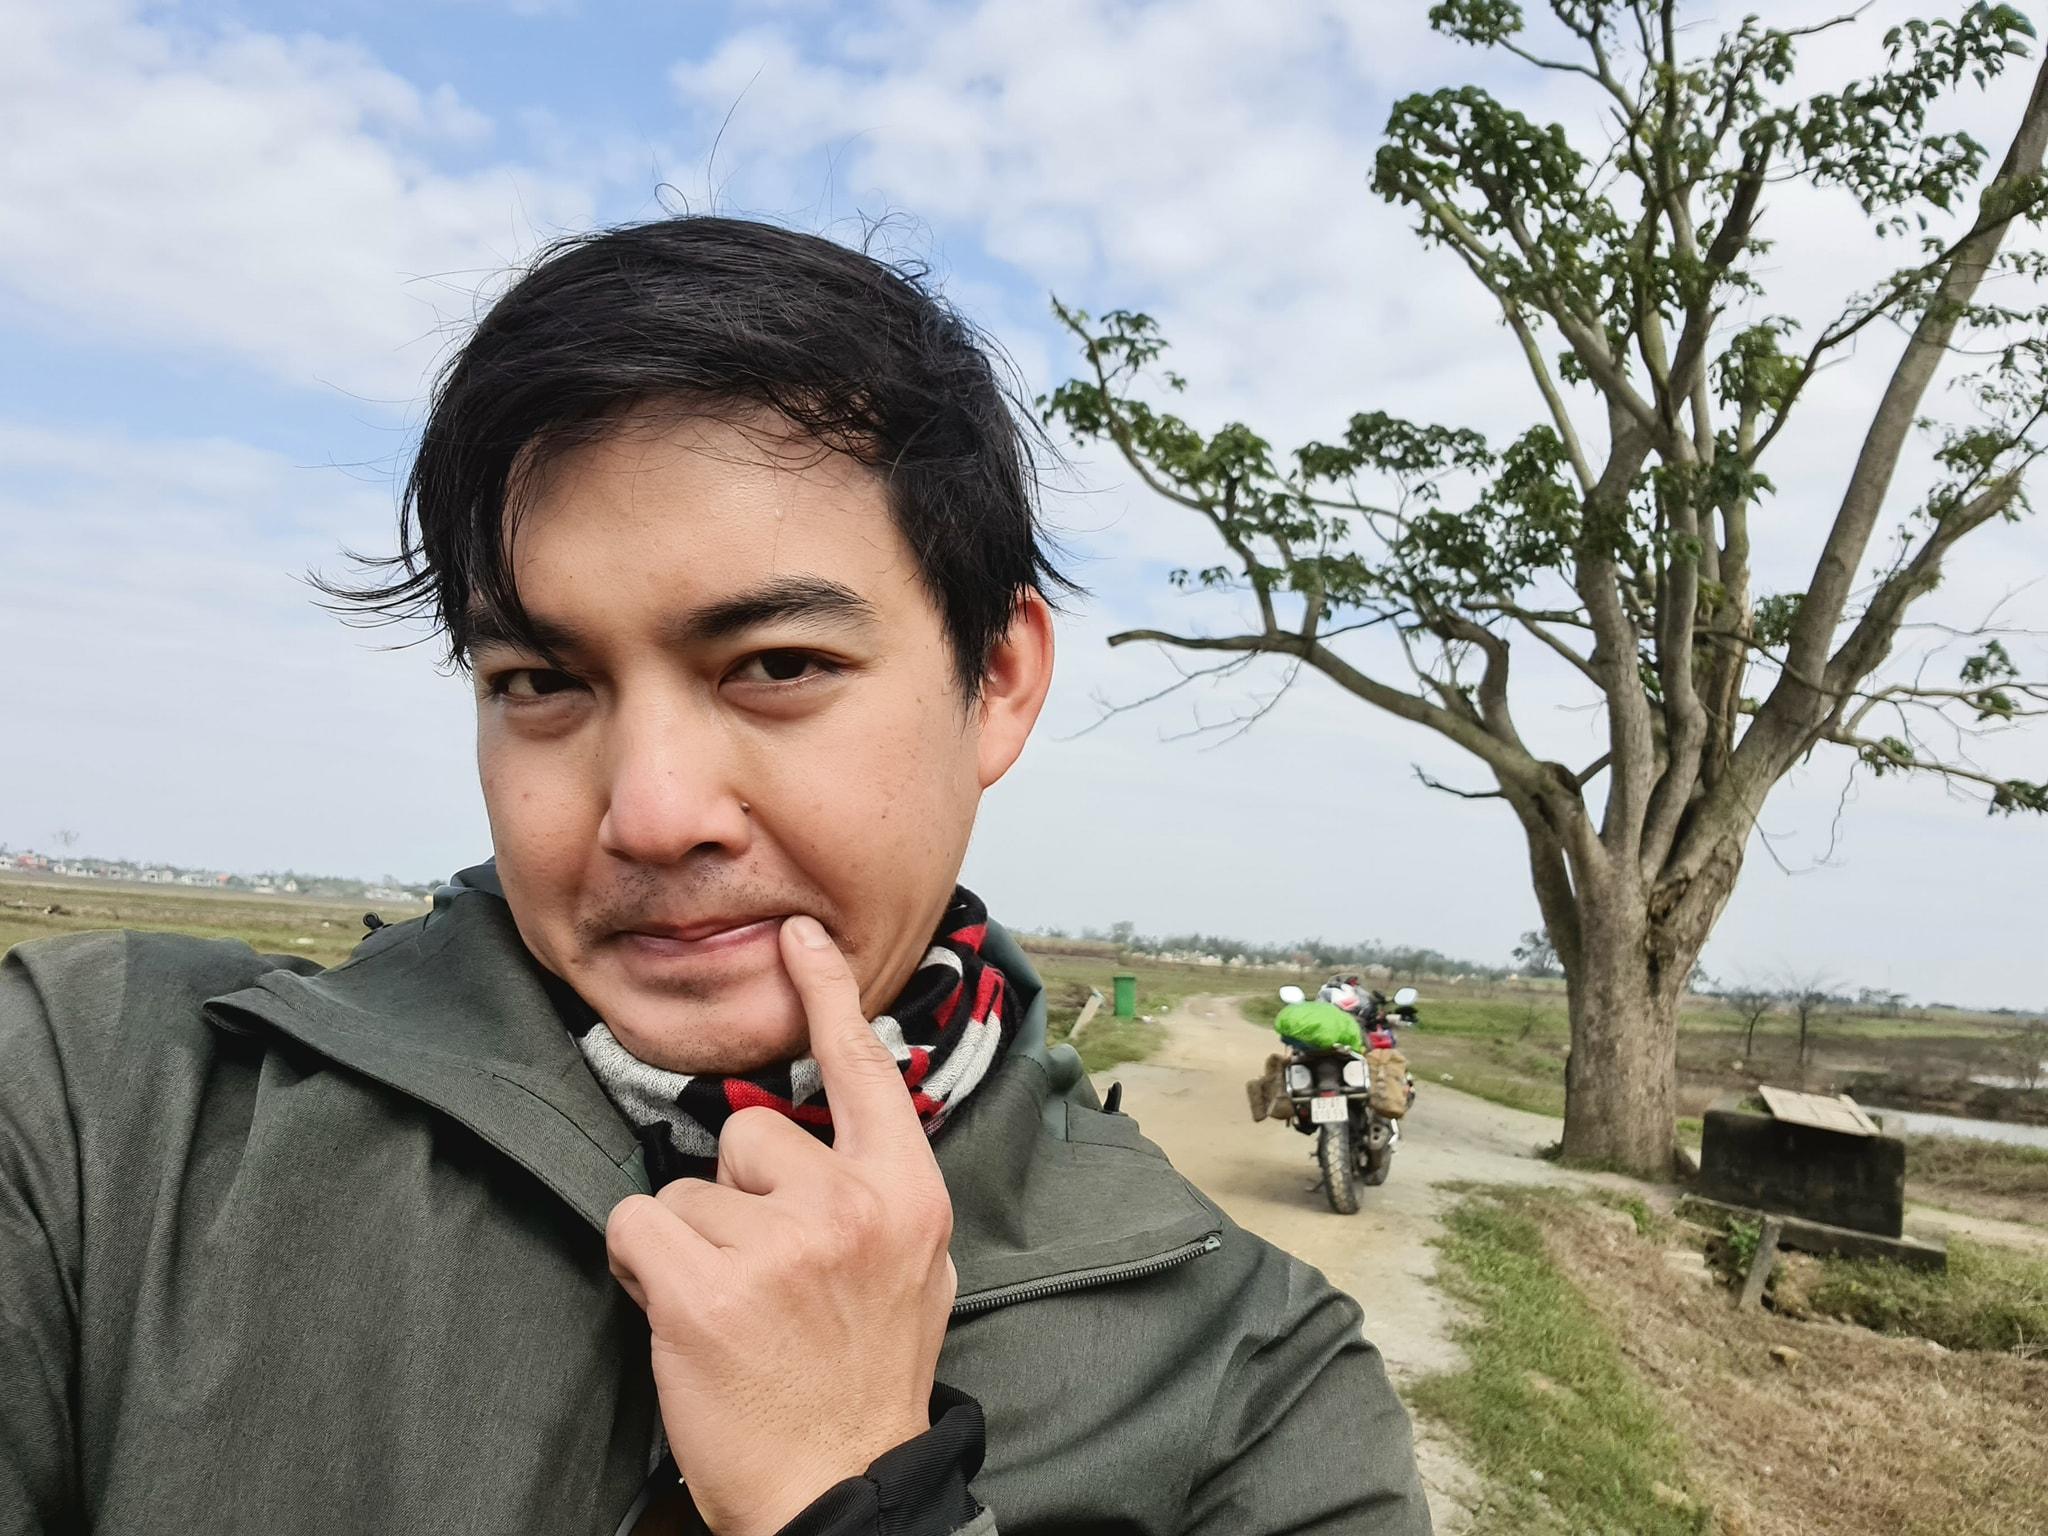 Phượt thủ Trần Đặng Đăng Khoa thực hiện chuyến xuyên Việt đến cây ngô đồng (Mắt Biếc), màn tạo dáng 'cute đến xỉu' 0